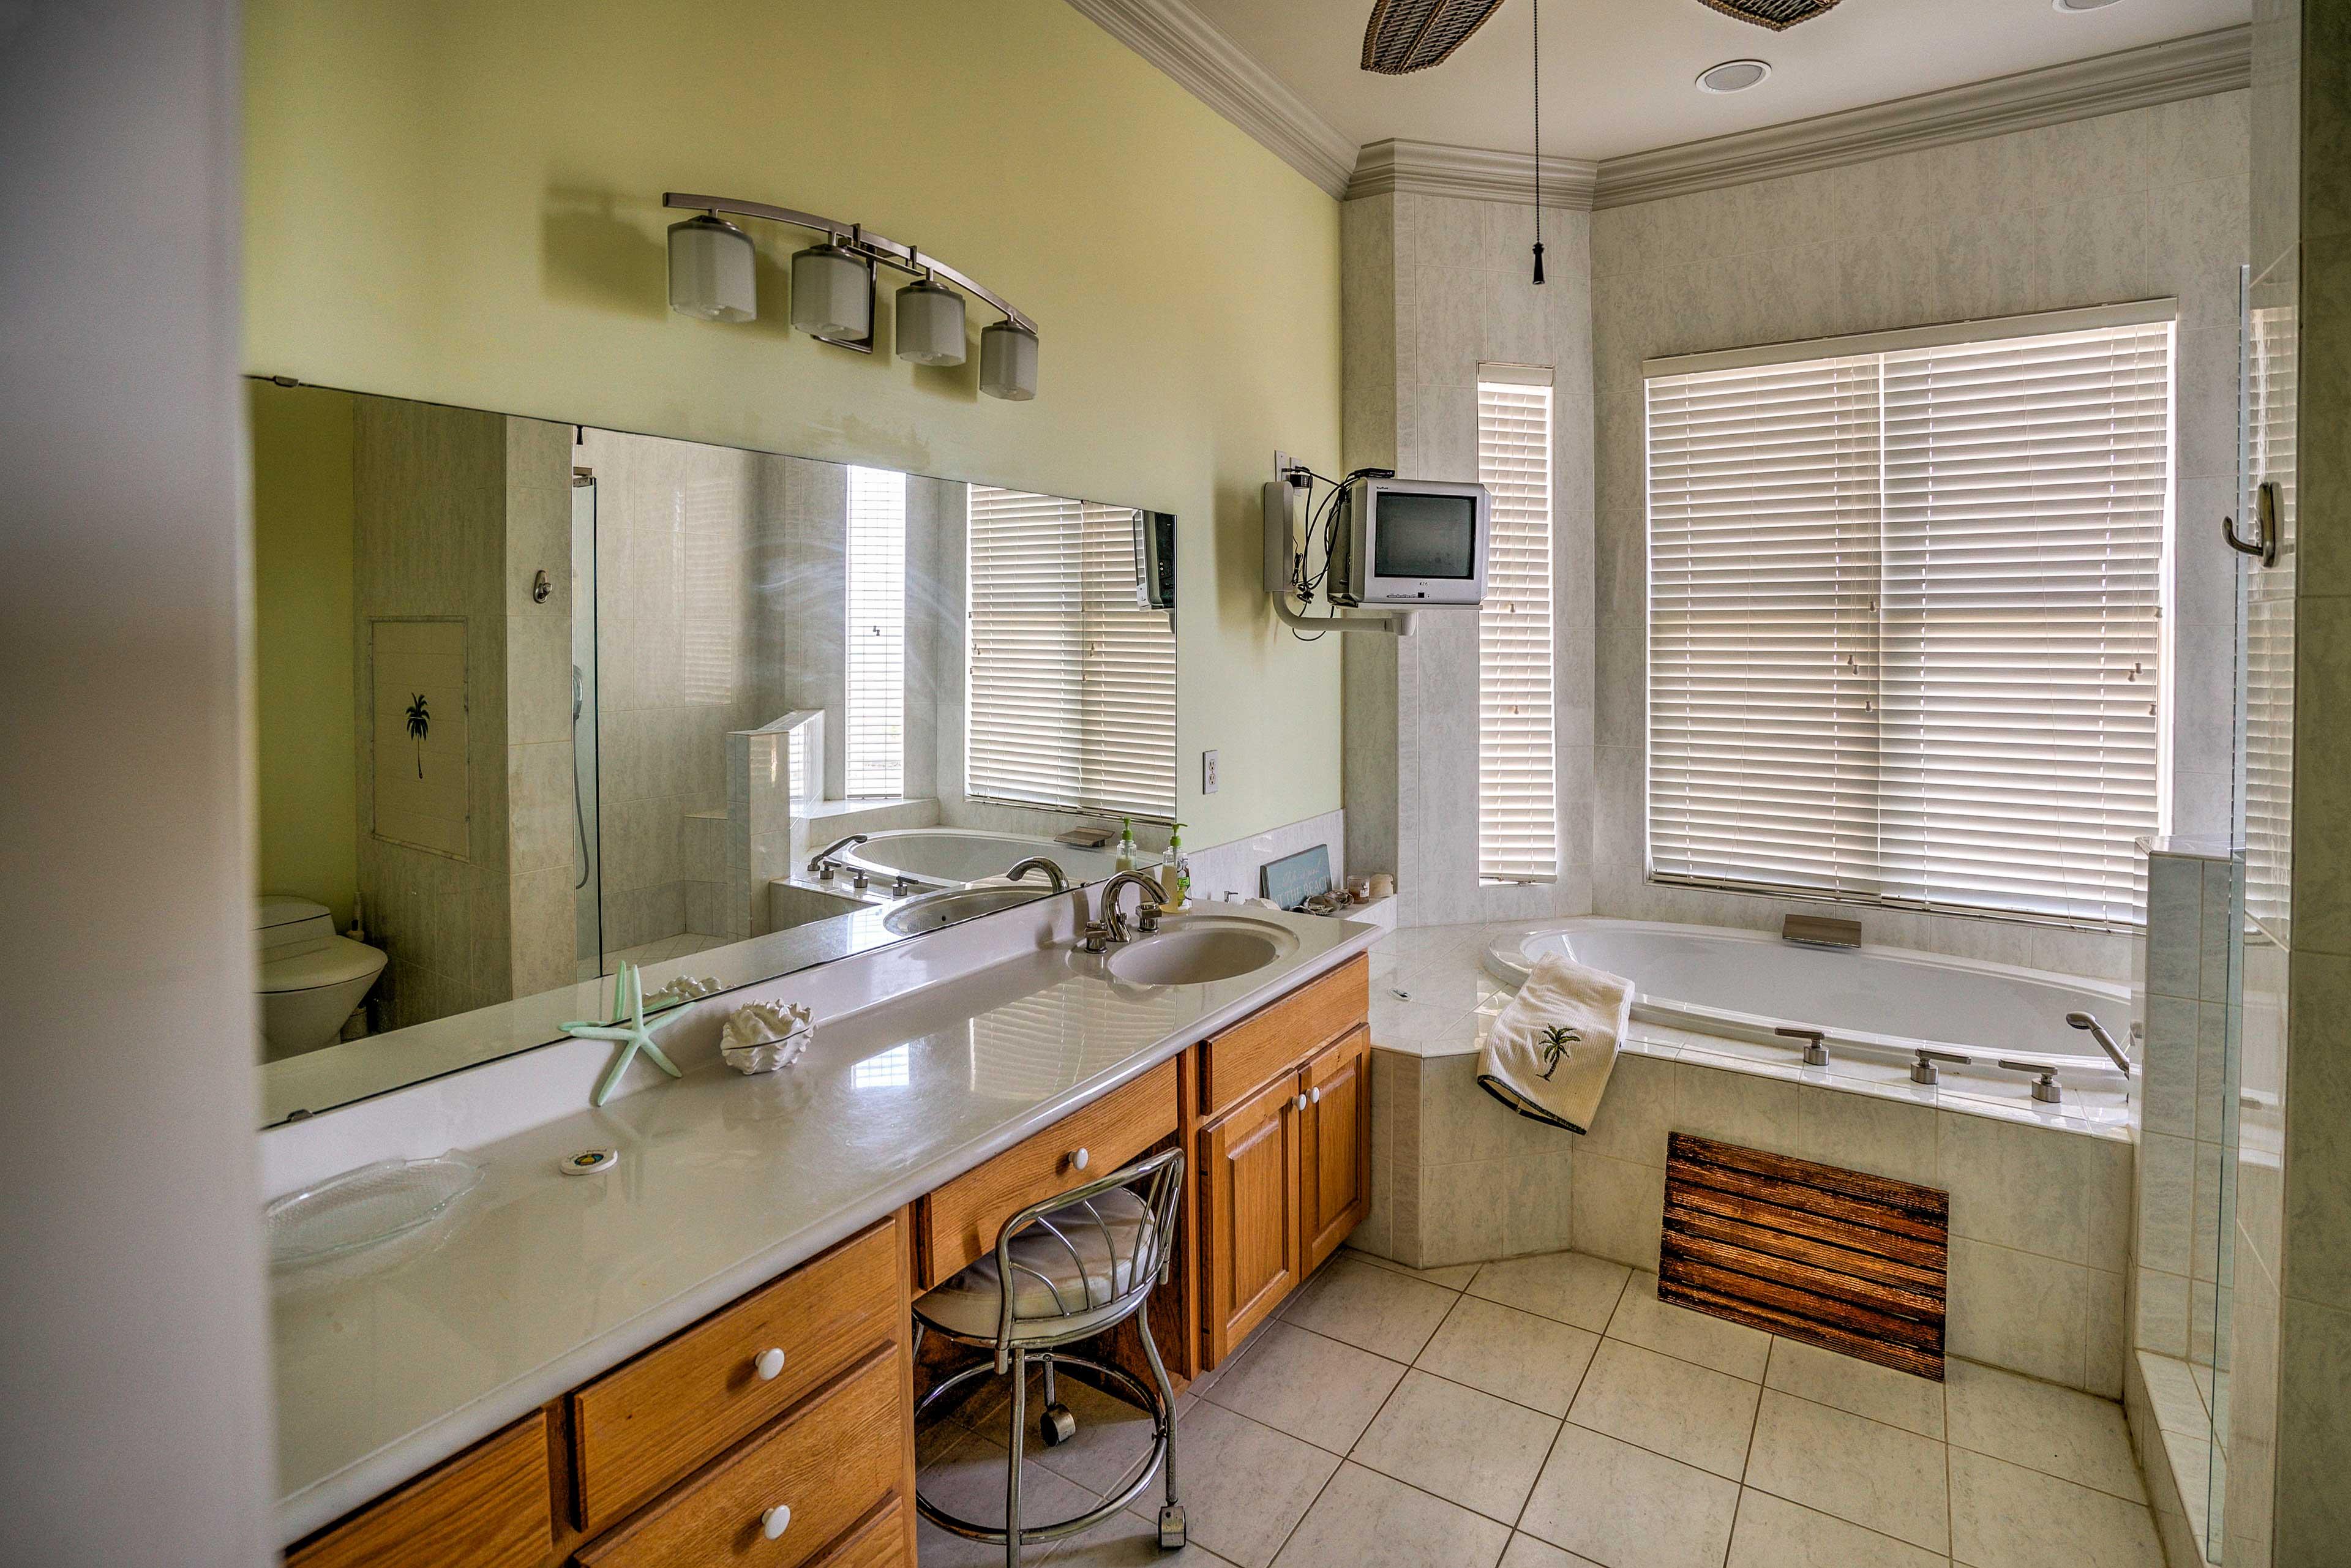 Soak in the master bedroom's en-suite bathroom.